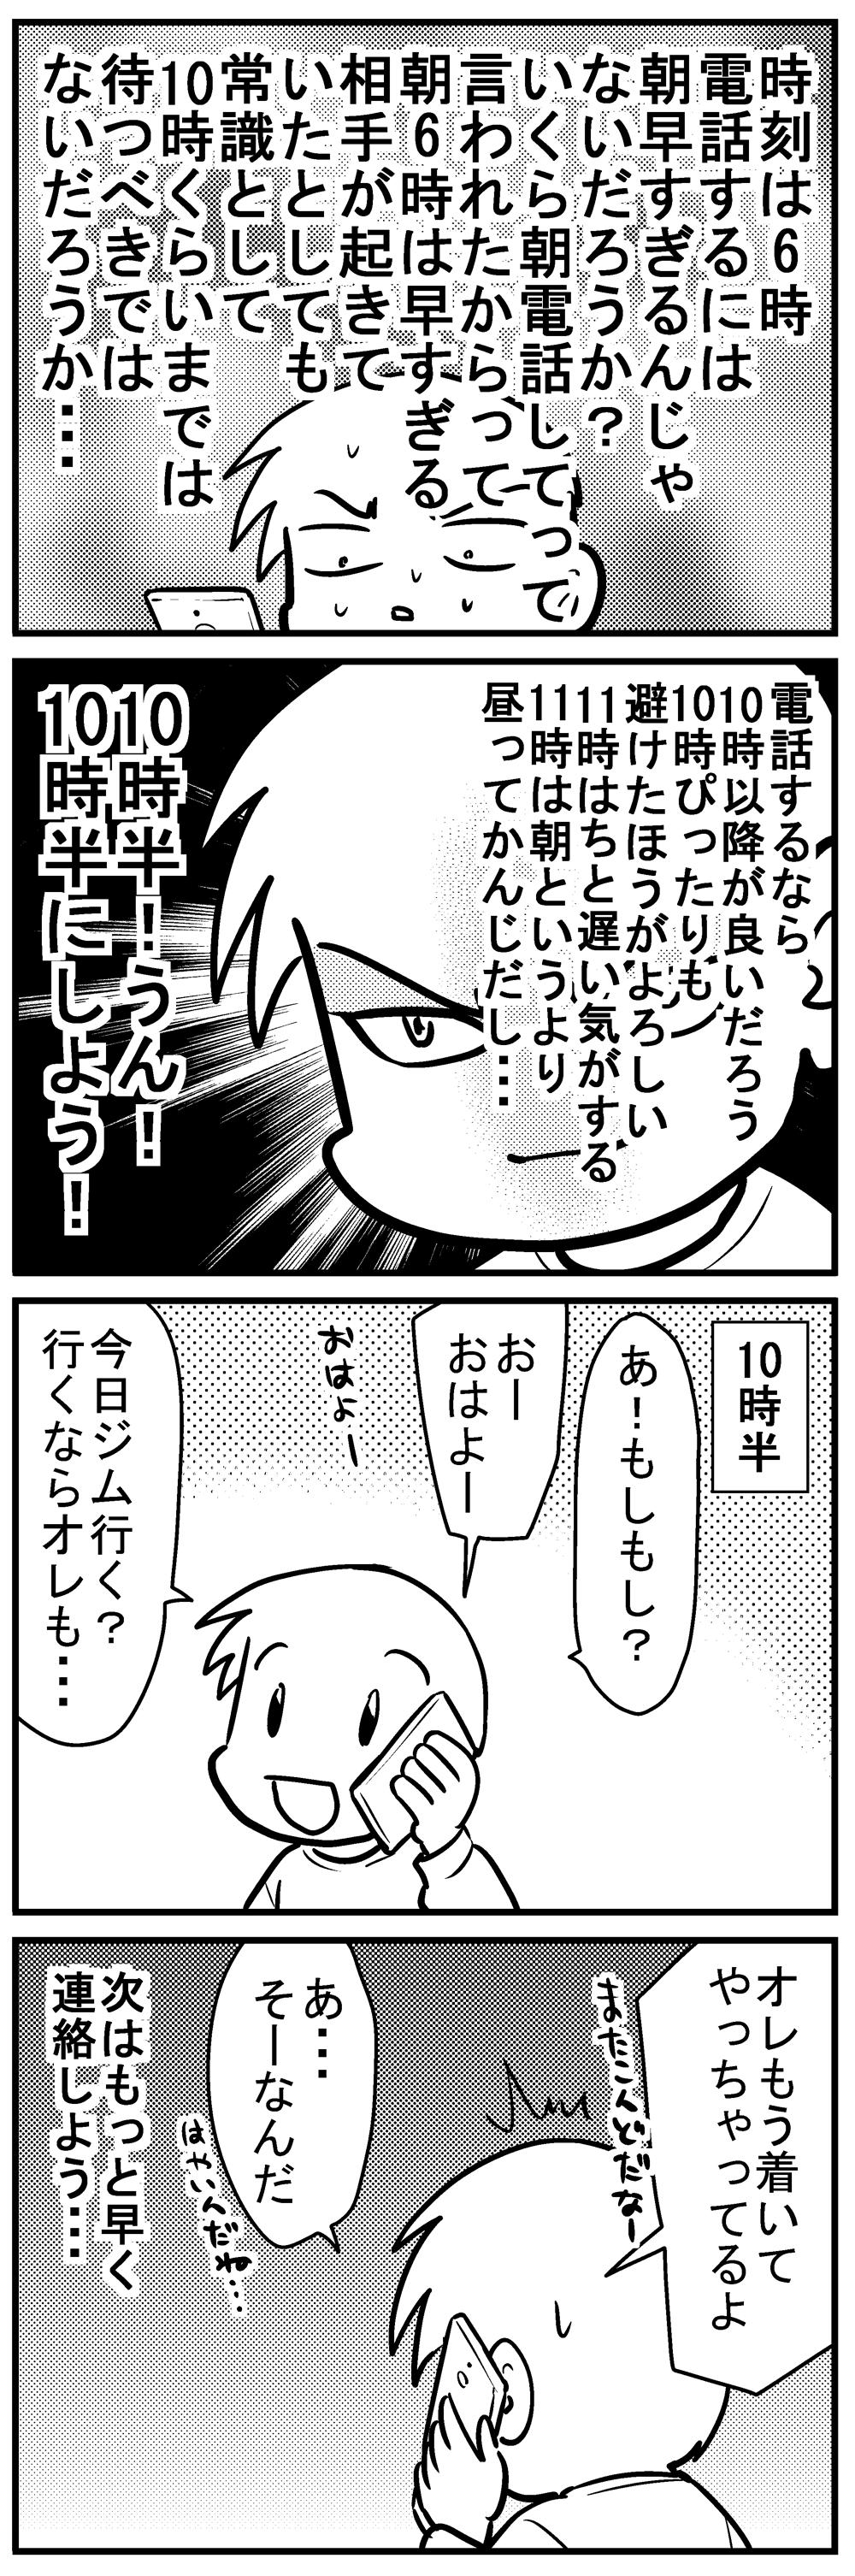 深読みくん137 2